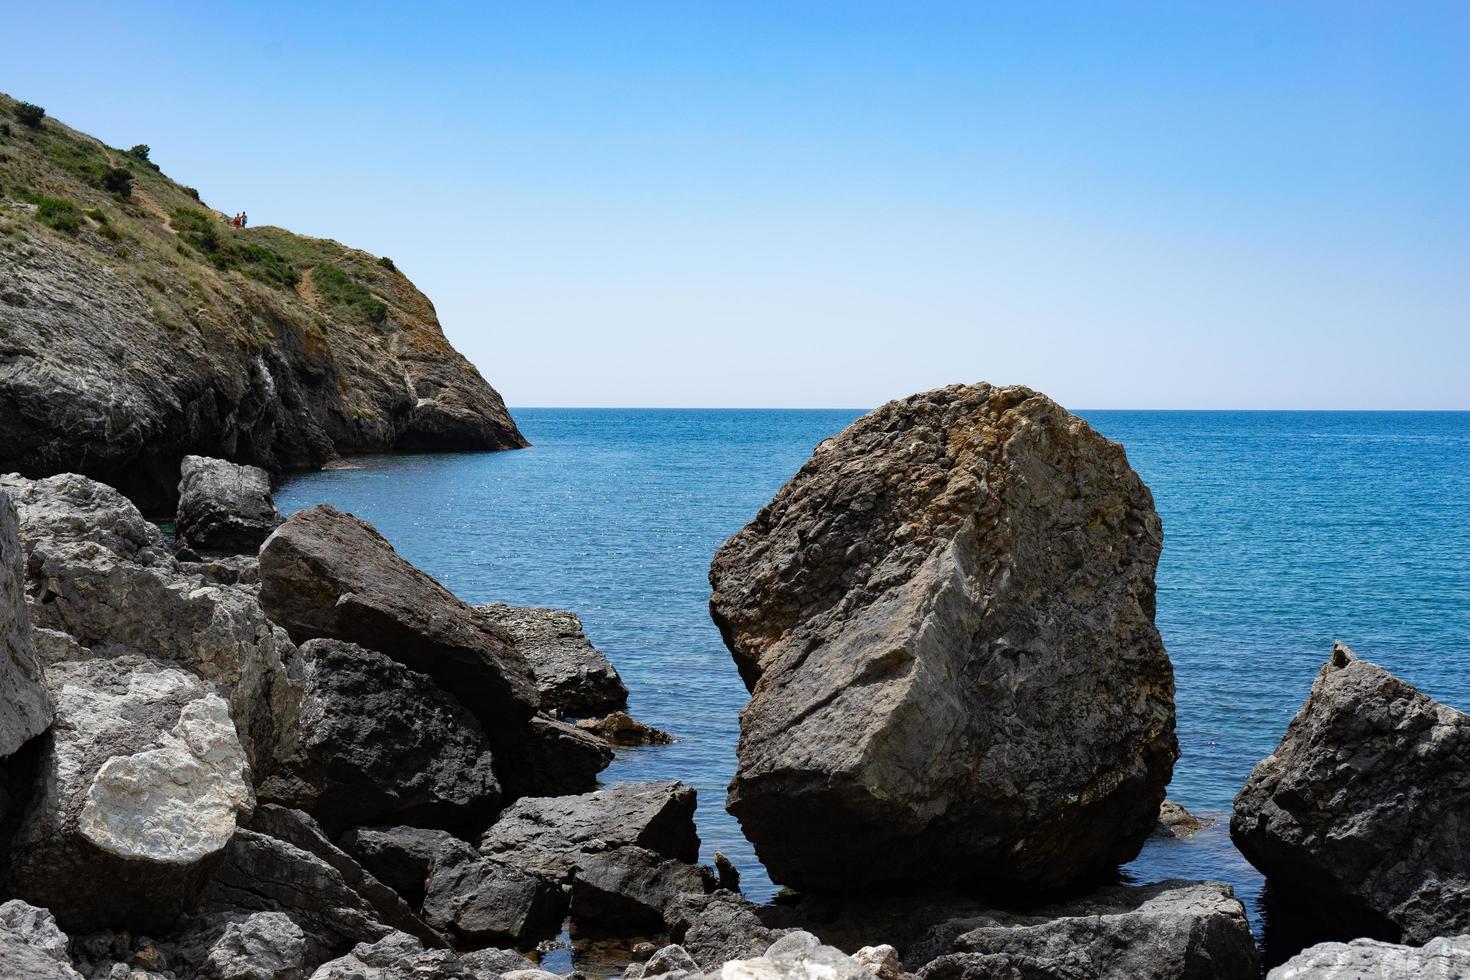 zeegezicht met rotsen op de achtergrond van water. foto